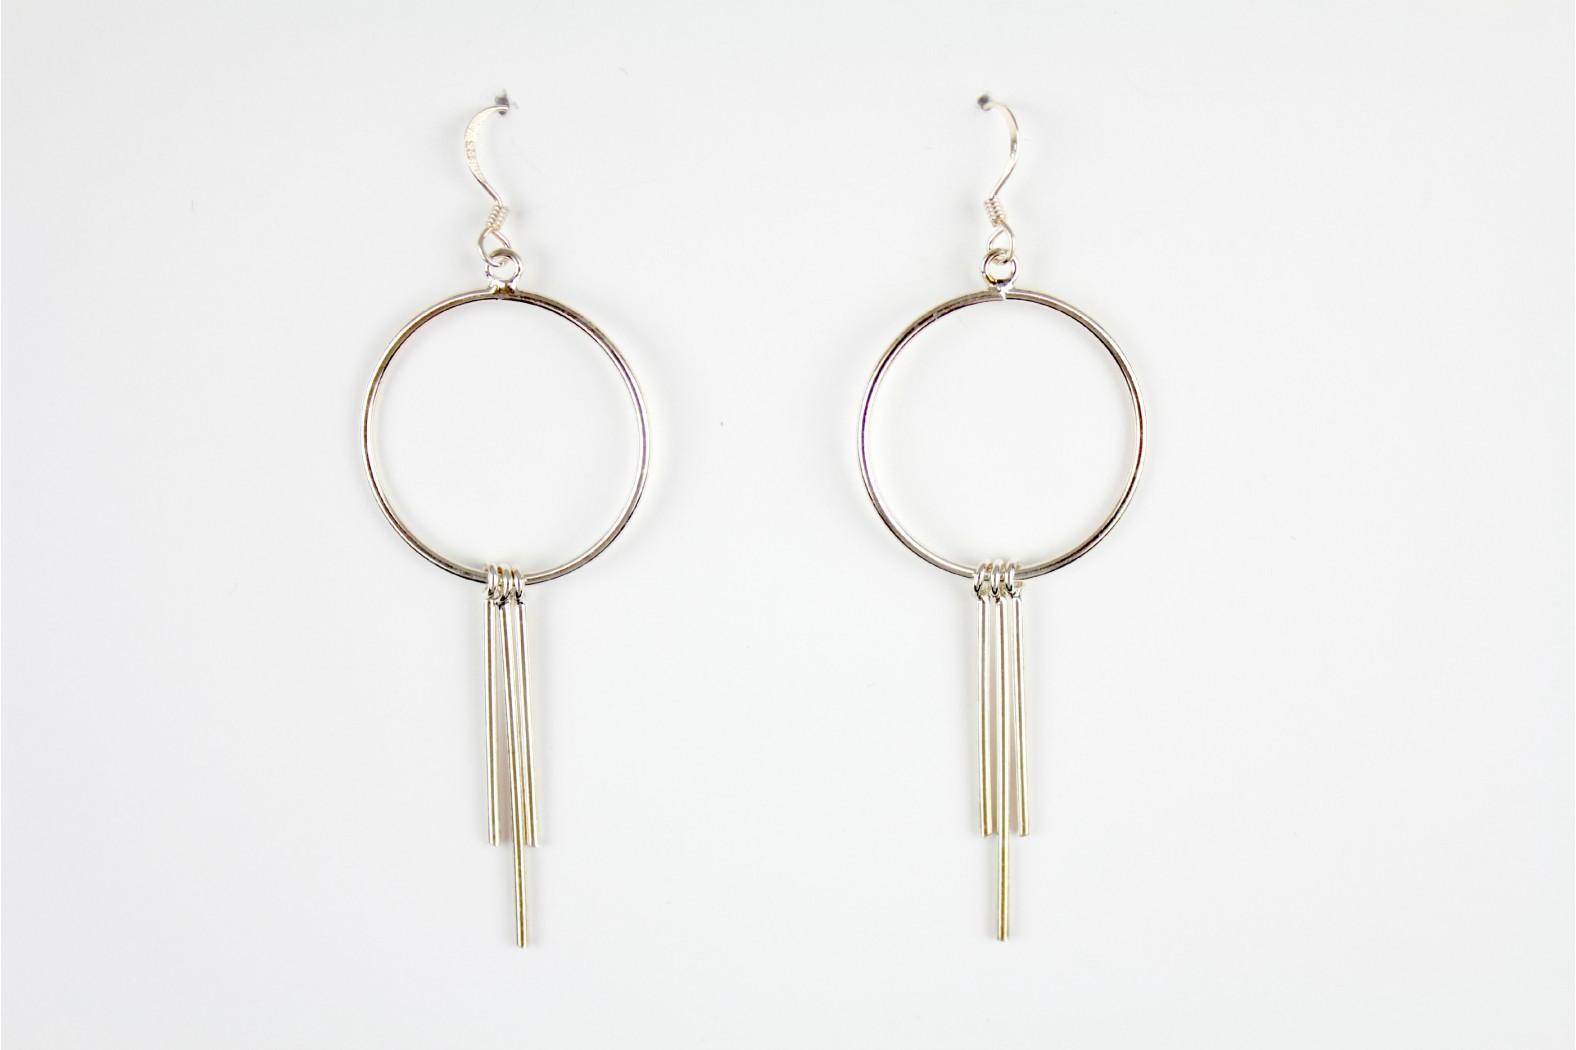 Long Drop Circular Contemporary design silver earrings